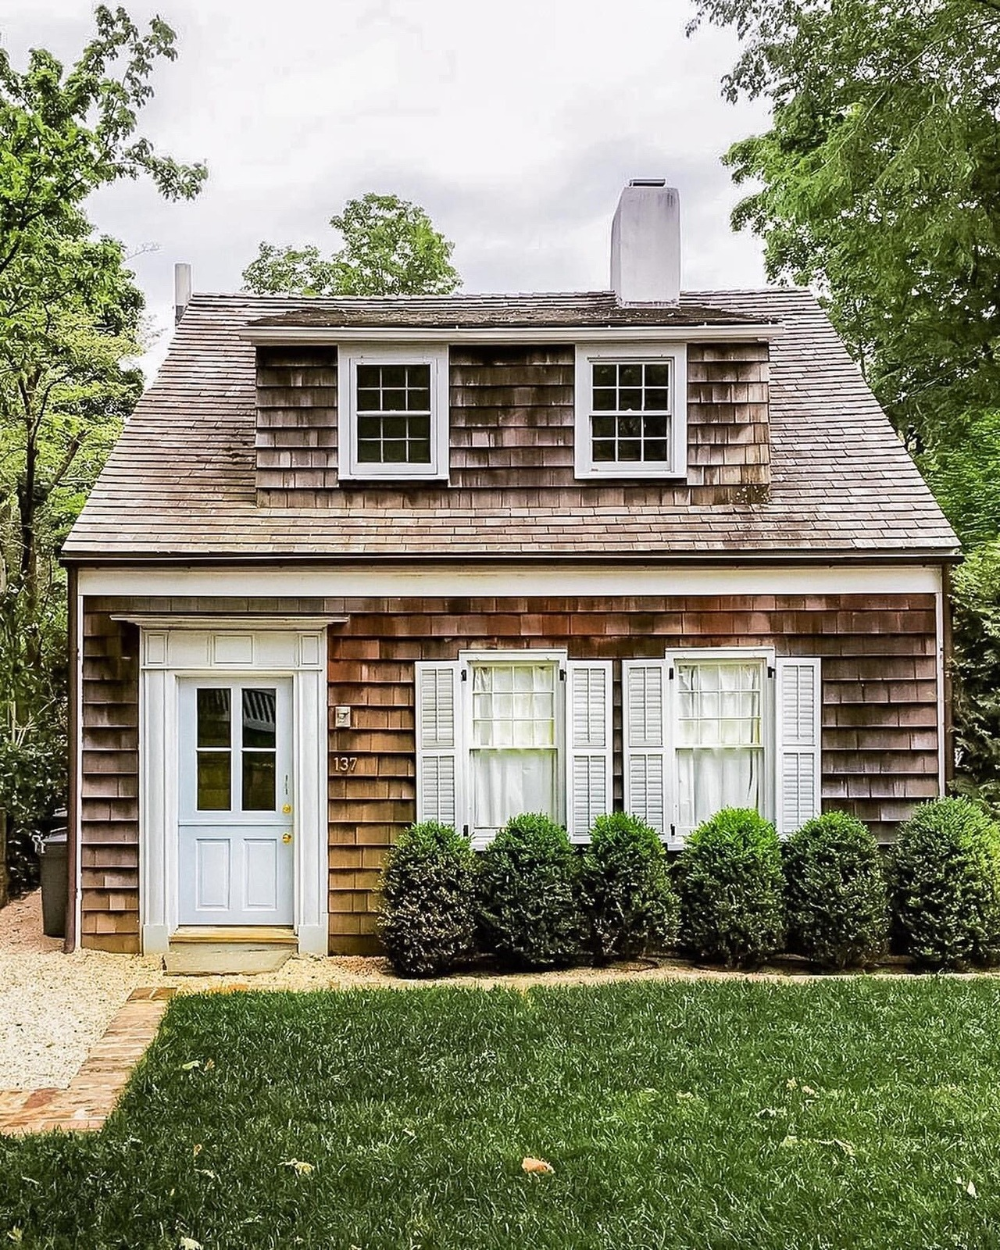 Carolina Home Exteriors: House Exterior, House Designs Exterior